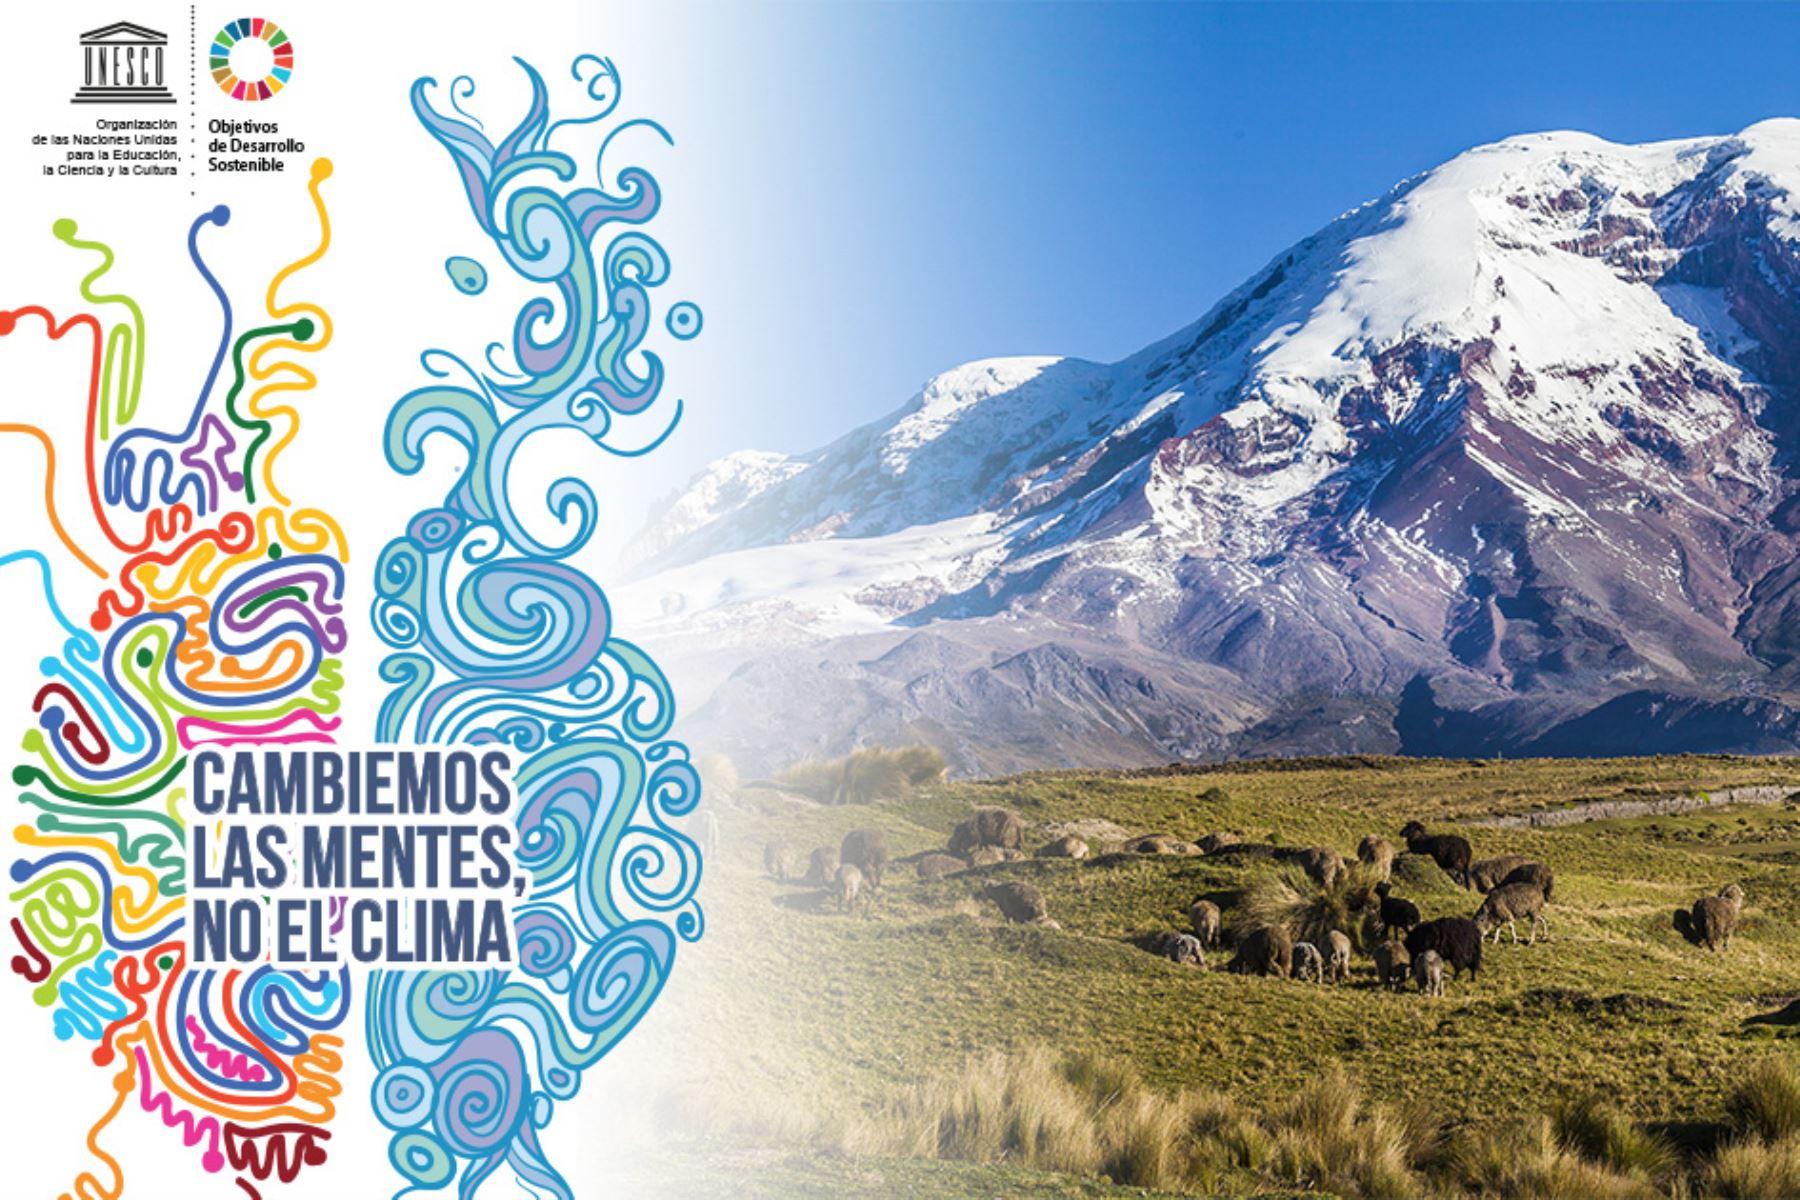 Calentamiento global ha ocasionado el aumento en la pérdida de la masa de hielo de los glaciares tropicales del Perú.